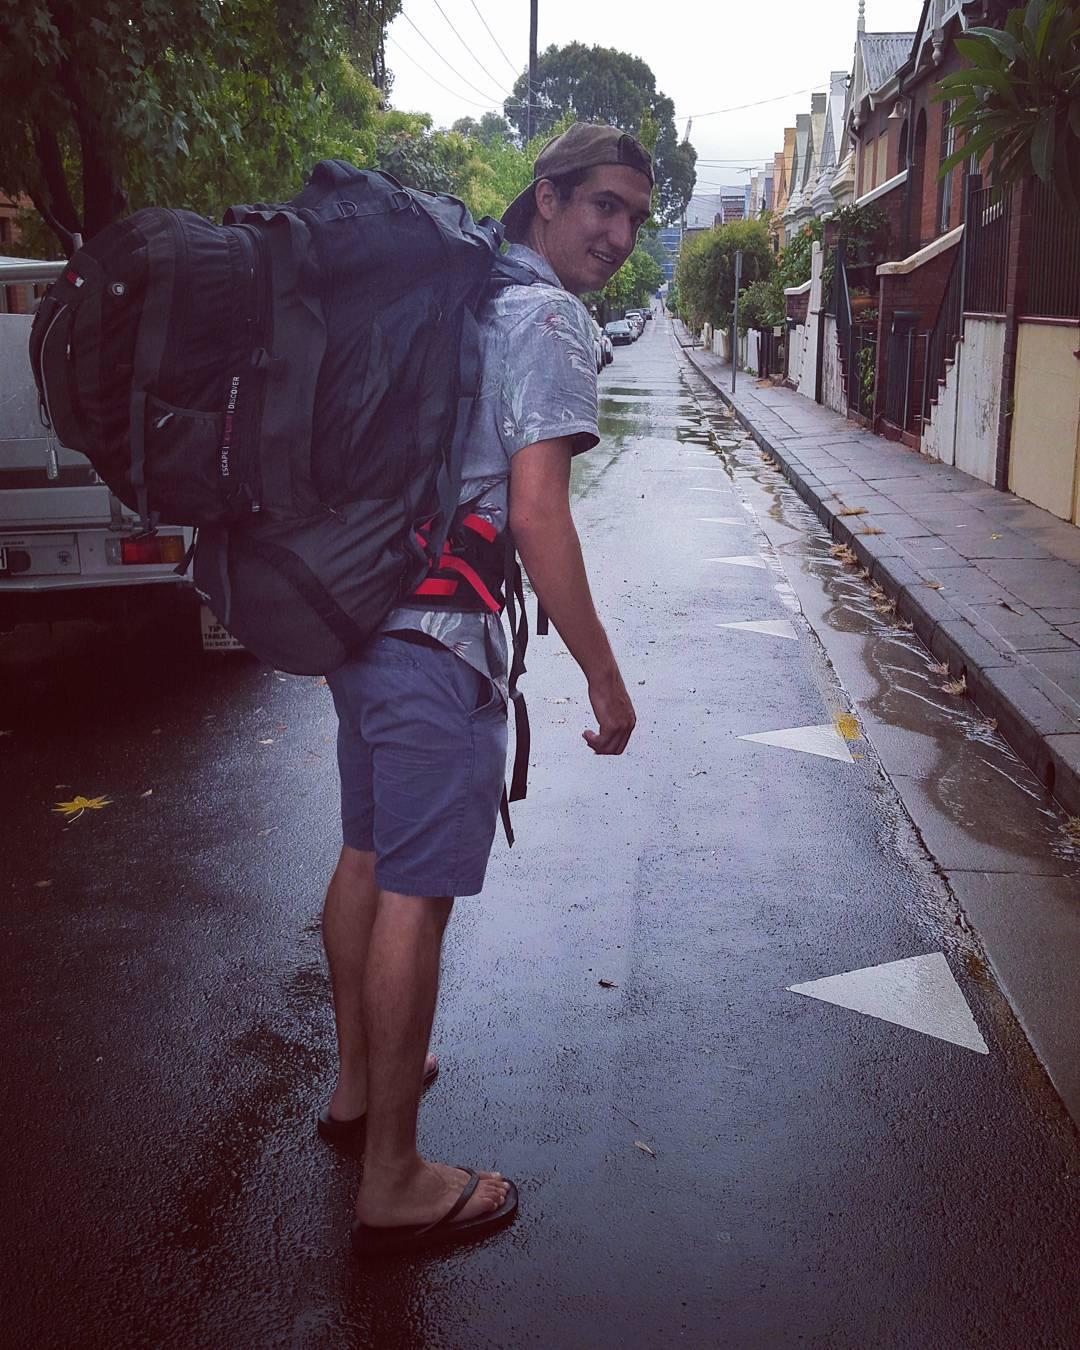 Daniel Bury backpacking around the world